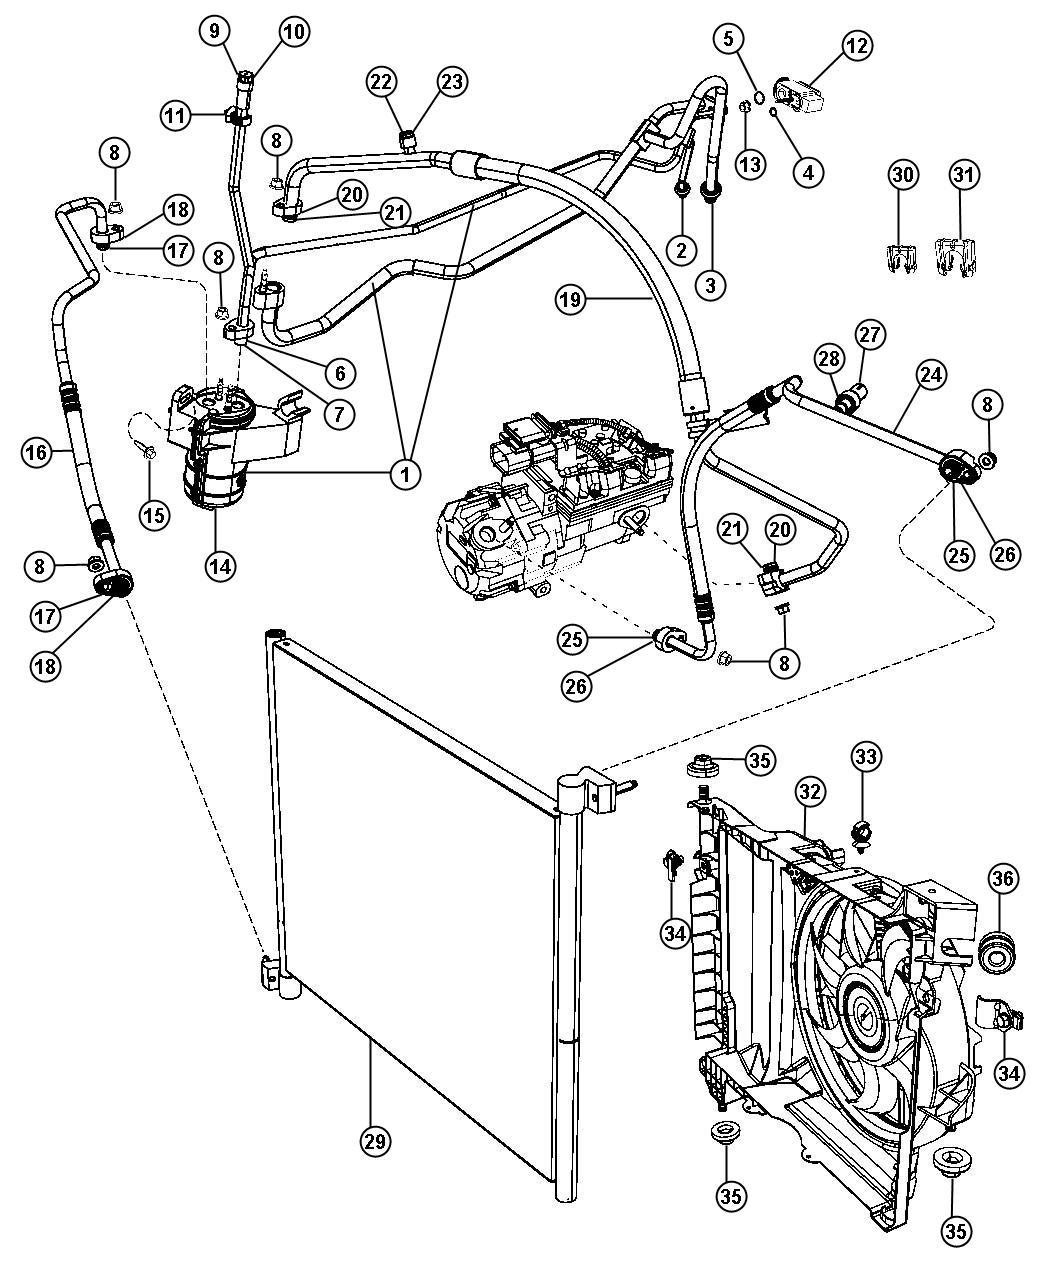 Dodge Durango Fan module, shroud. Condenser, condenser